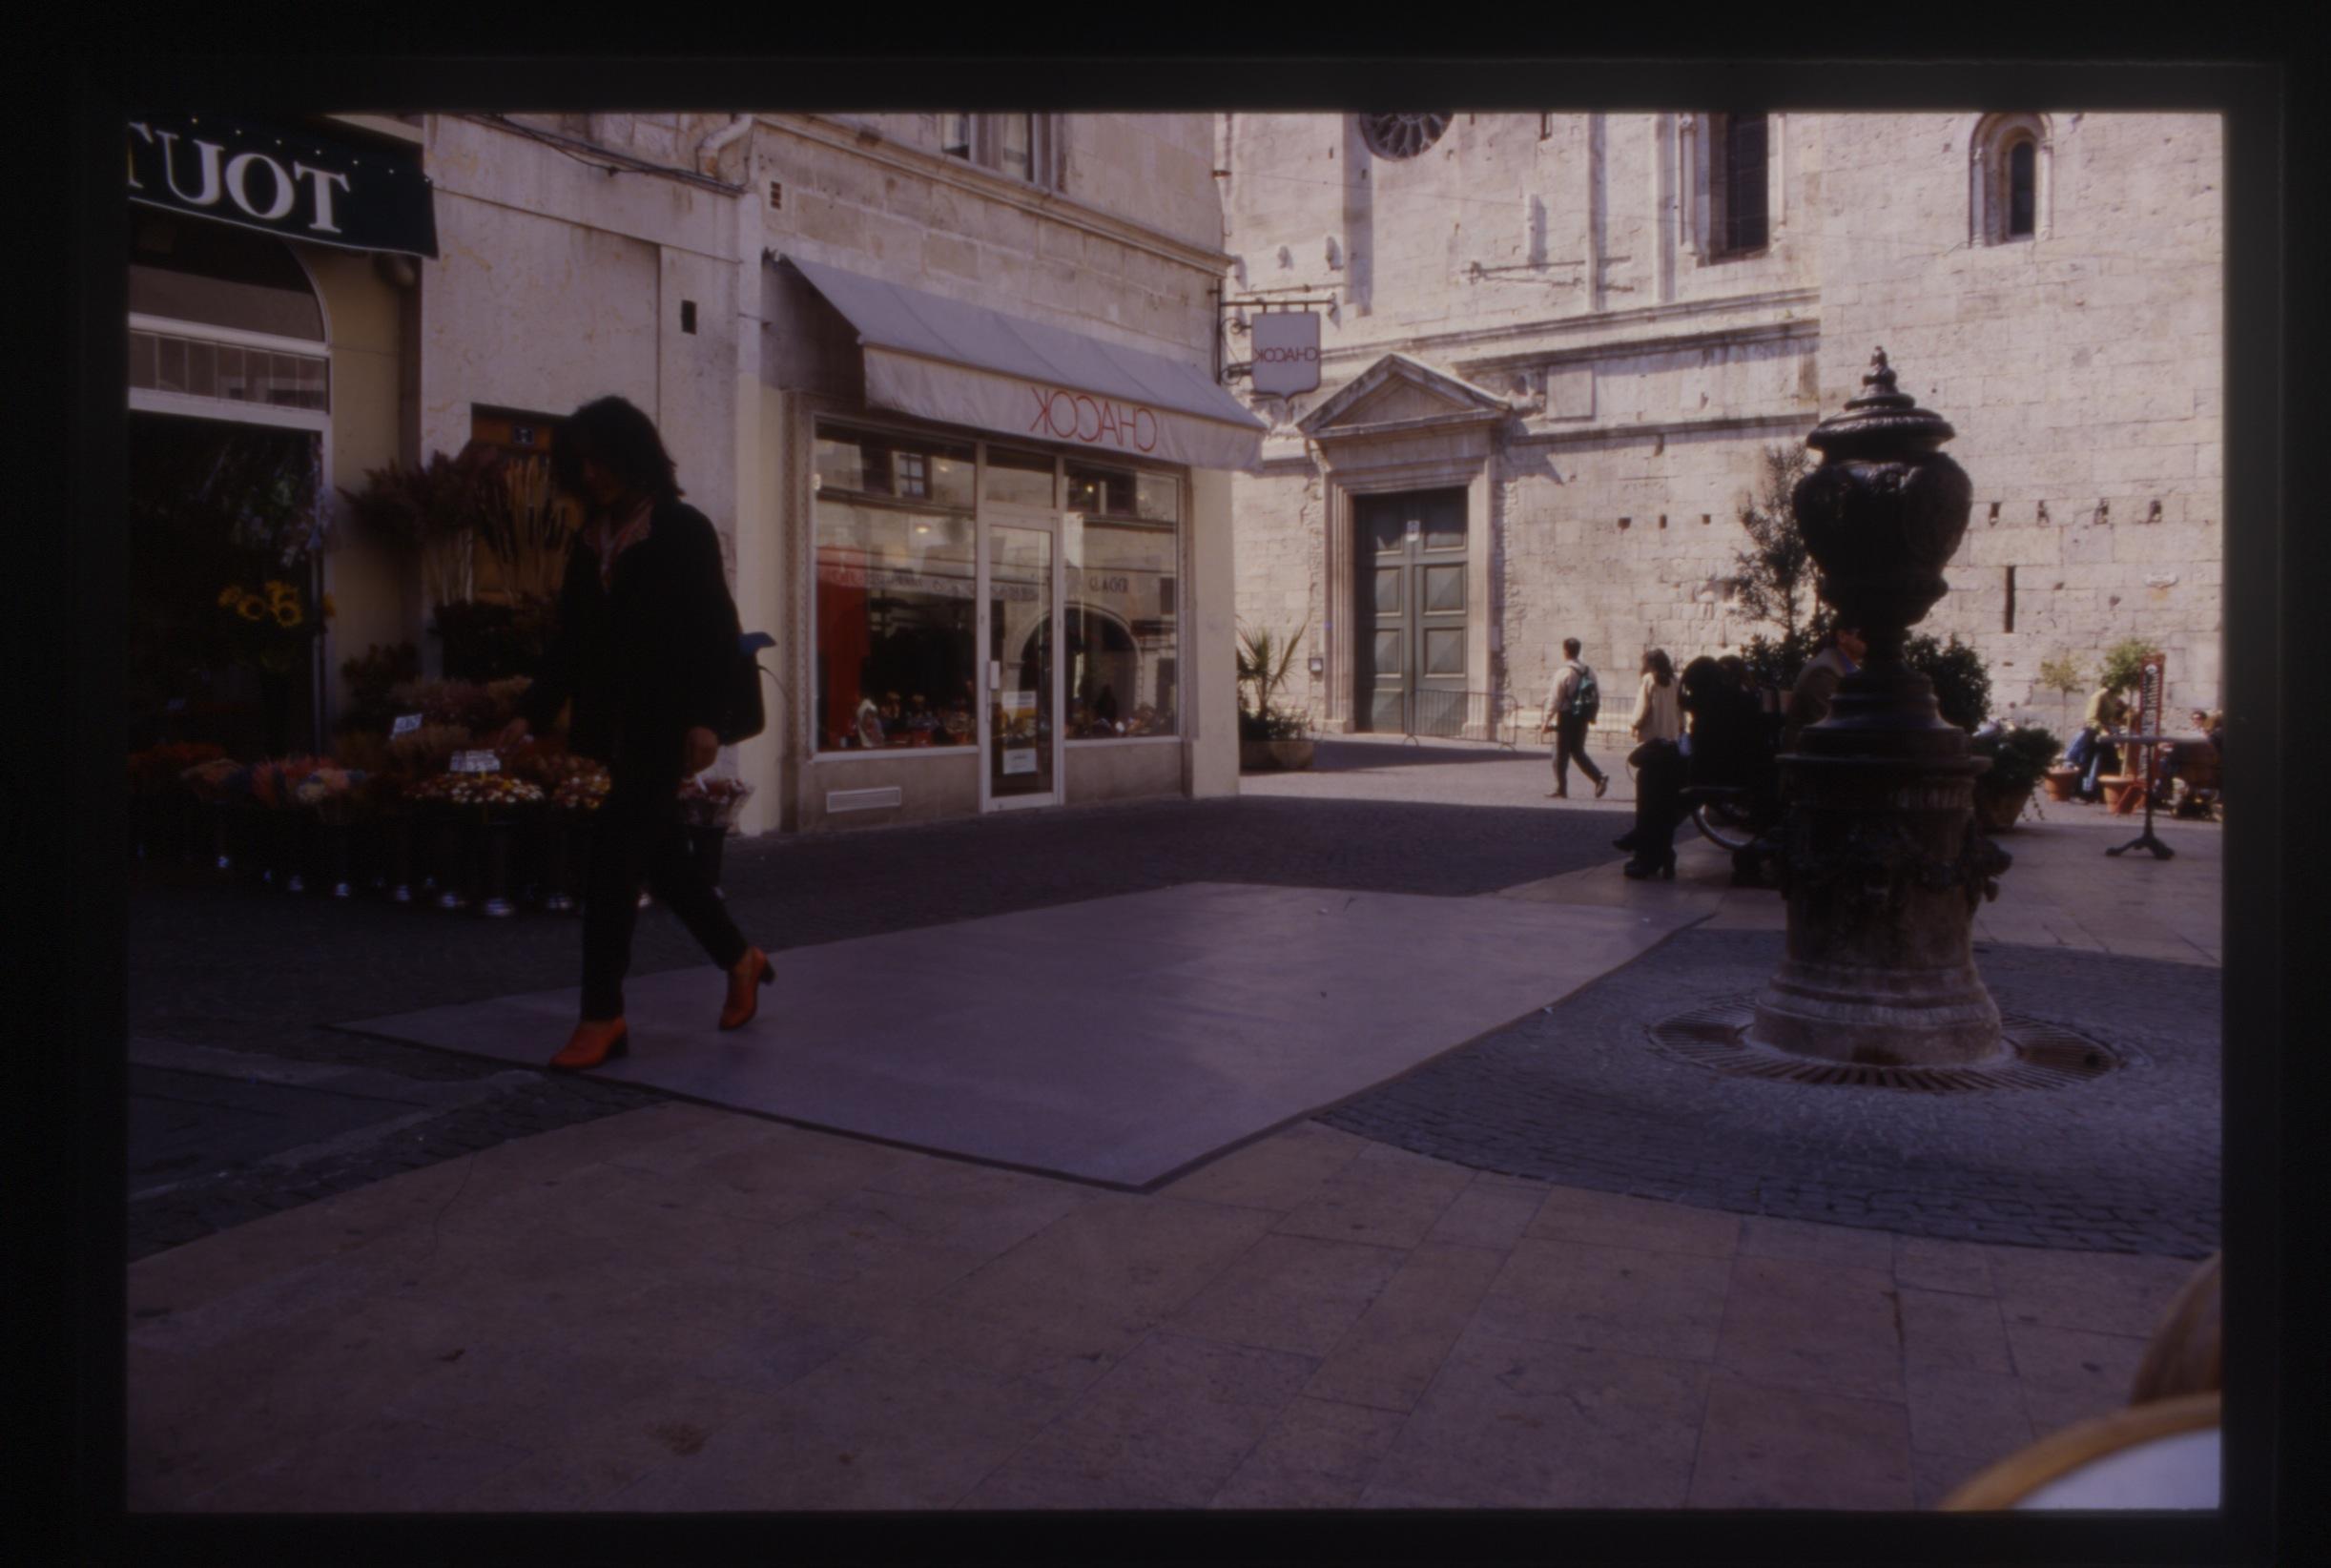 Salvatore Falci, 1994, Striscioni Pressione, Piazza a Nims, in campo